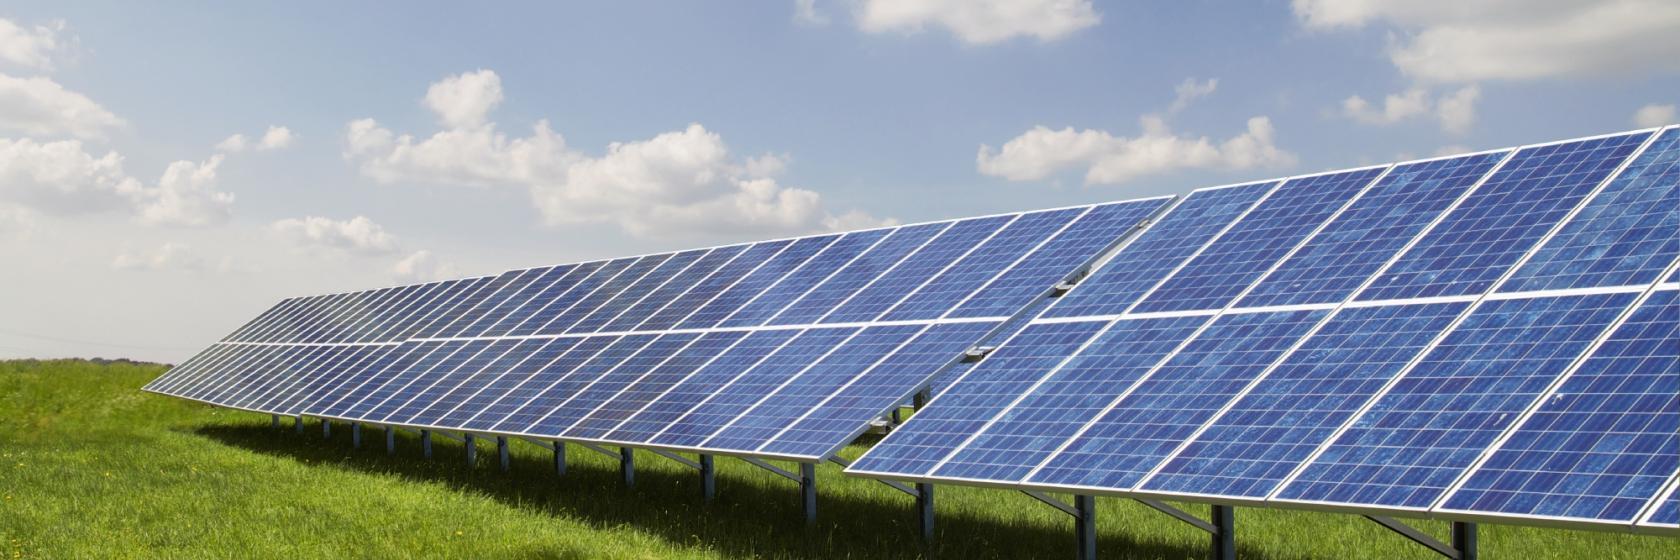 UV stabilizované elektroinstalační trubky pro použití ve venkovním prostředí